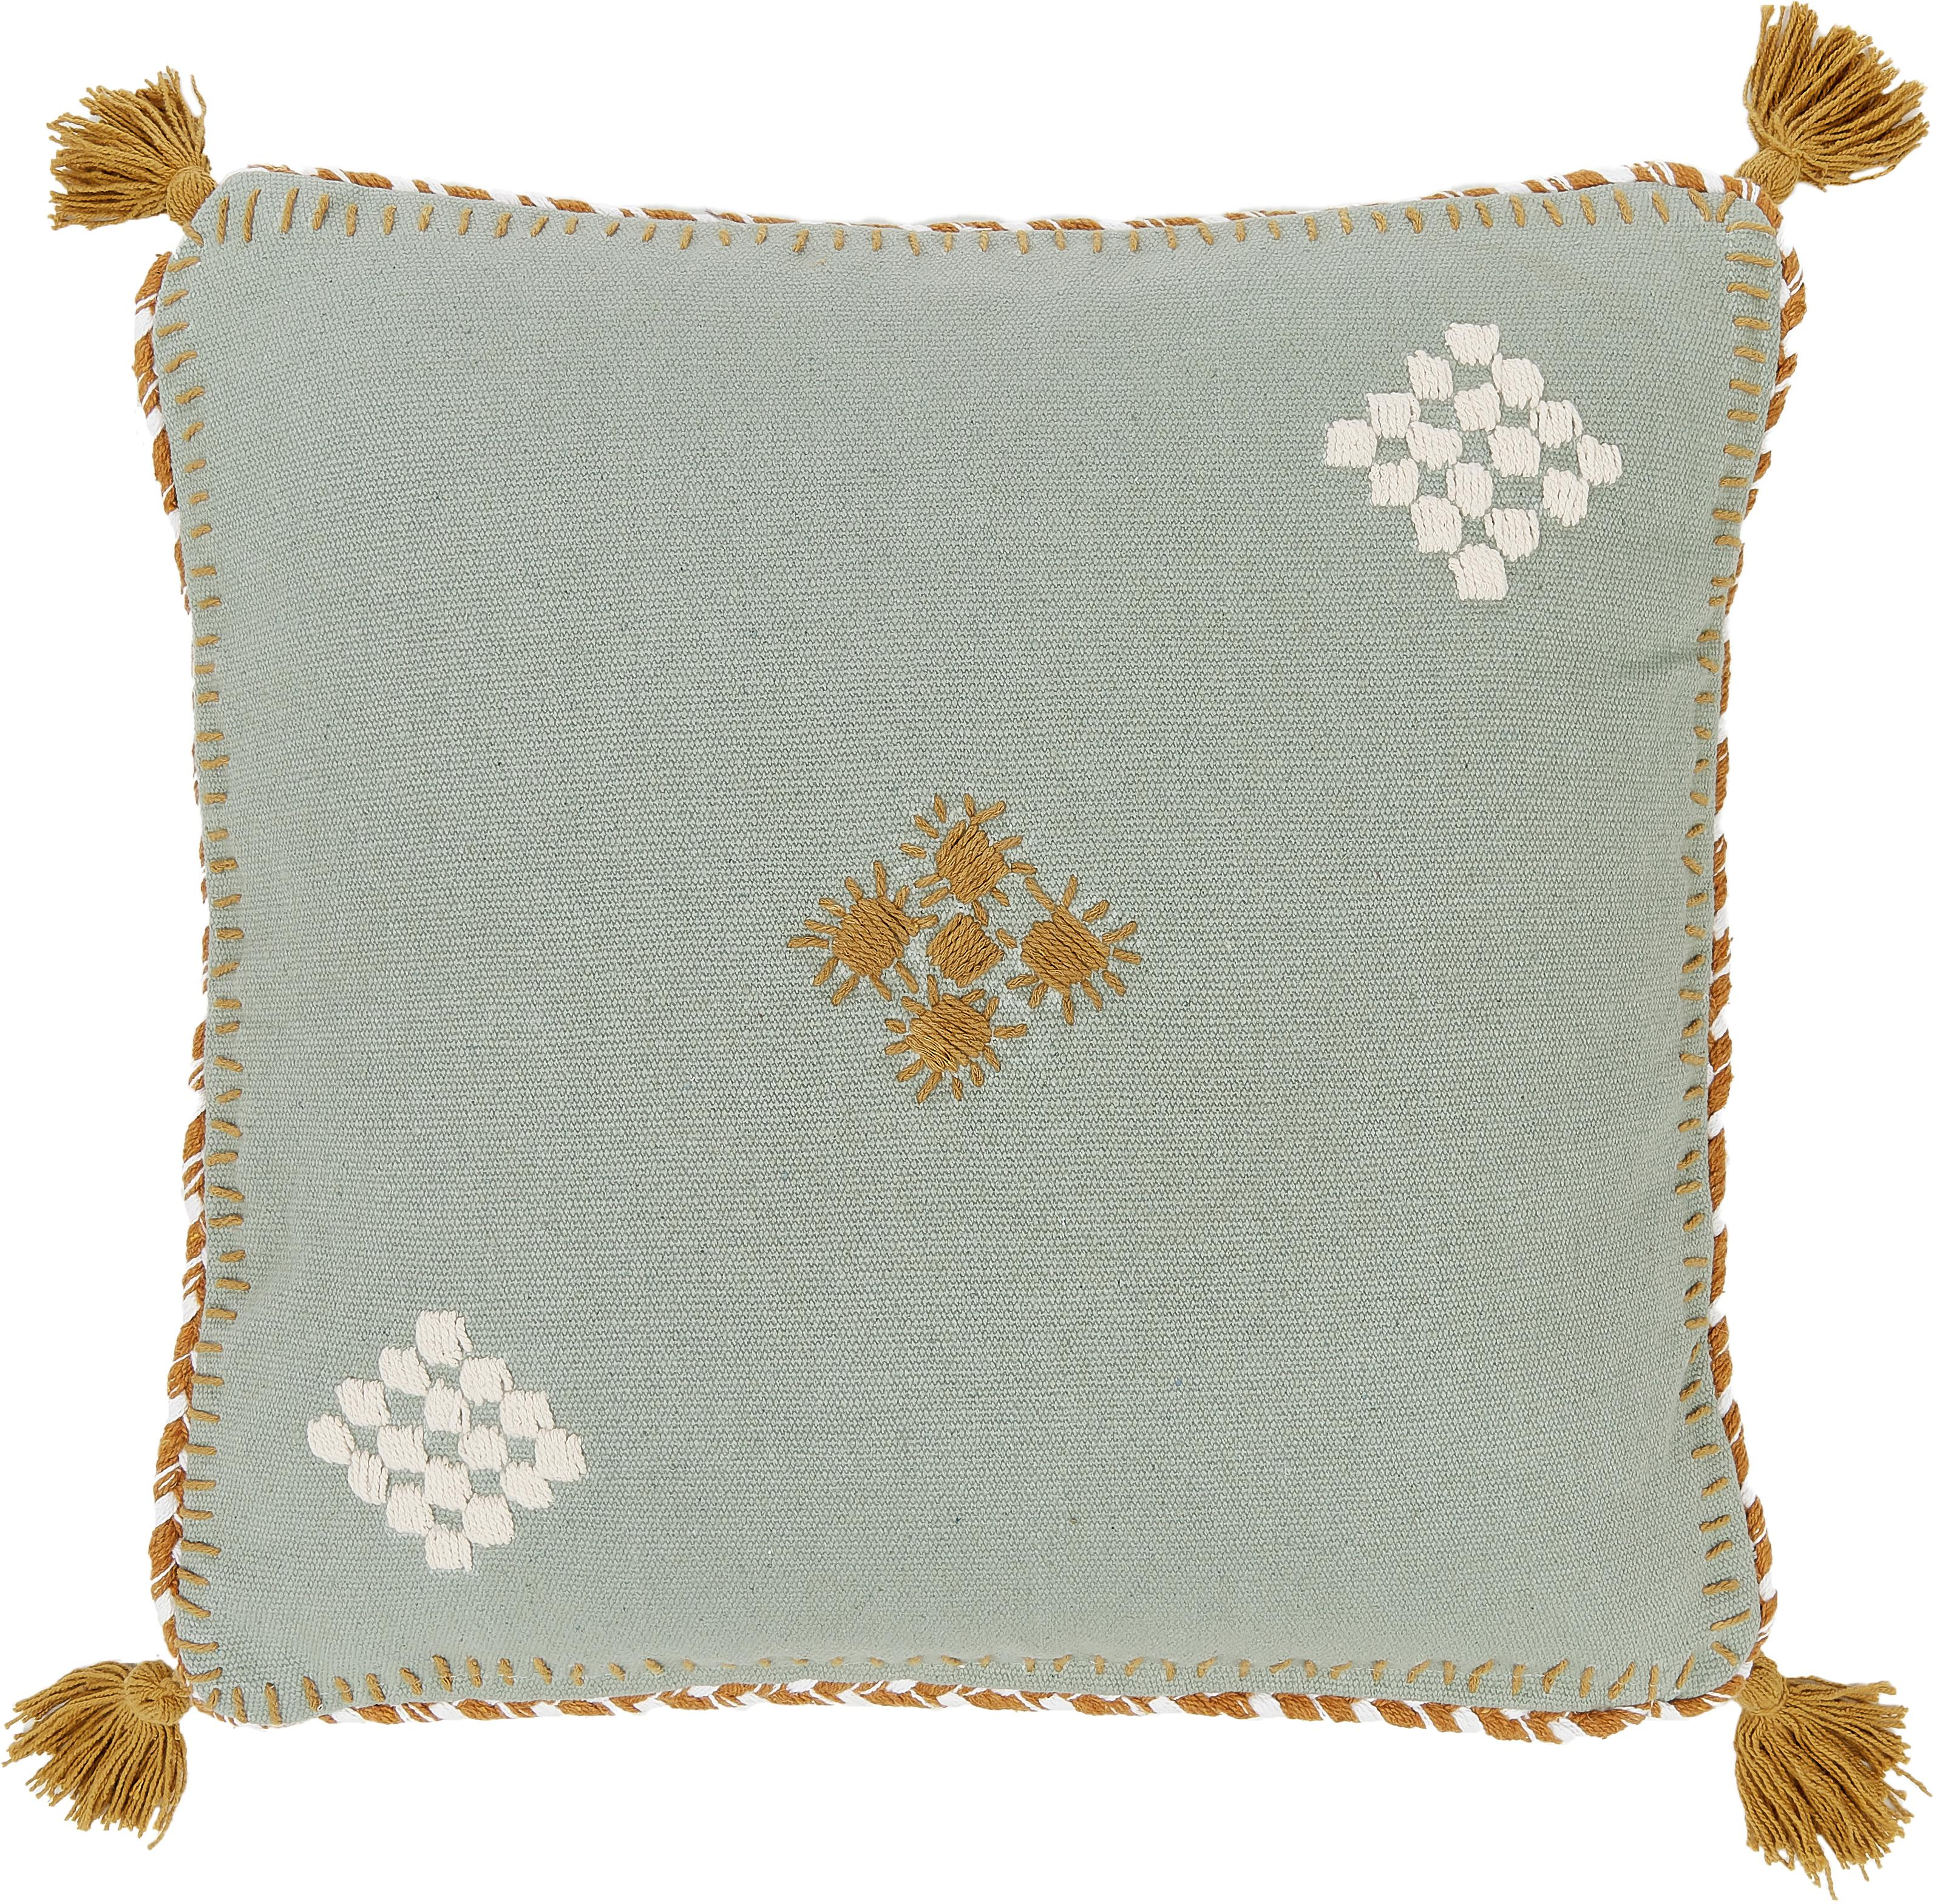 Kissenhülle Kelti mit Stickerei, 100% Baumwolle, Grün, Ockergelb, 45 x 45 cm